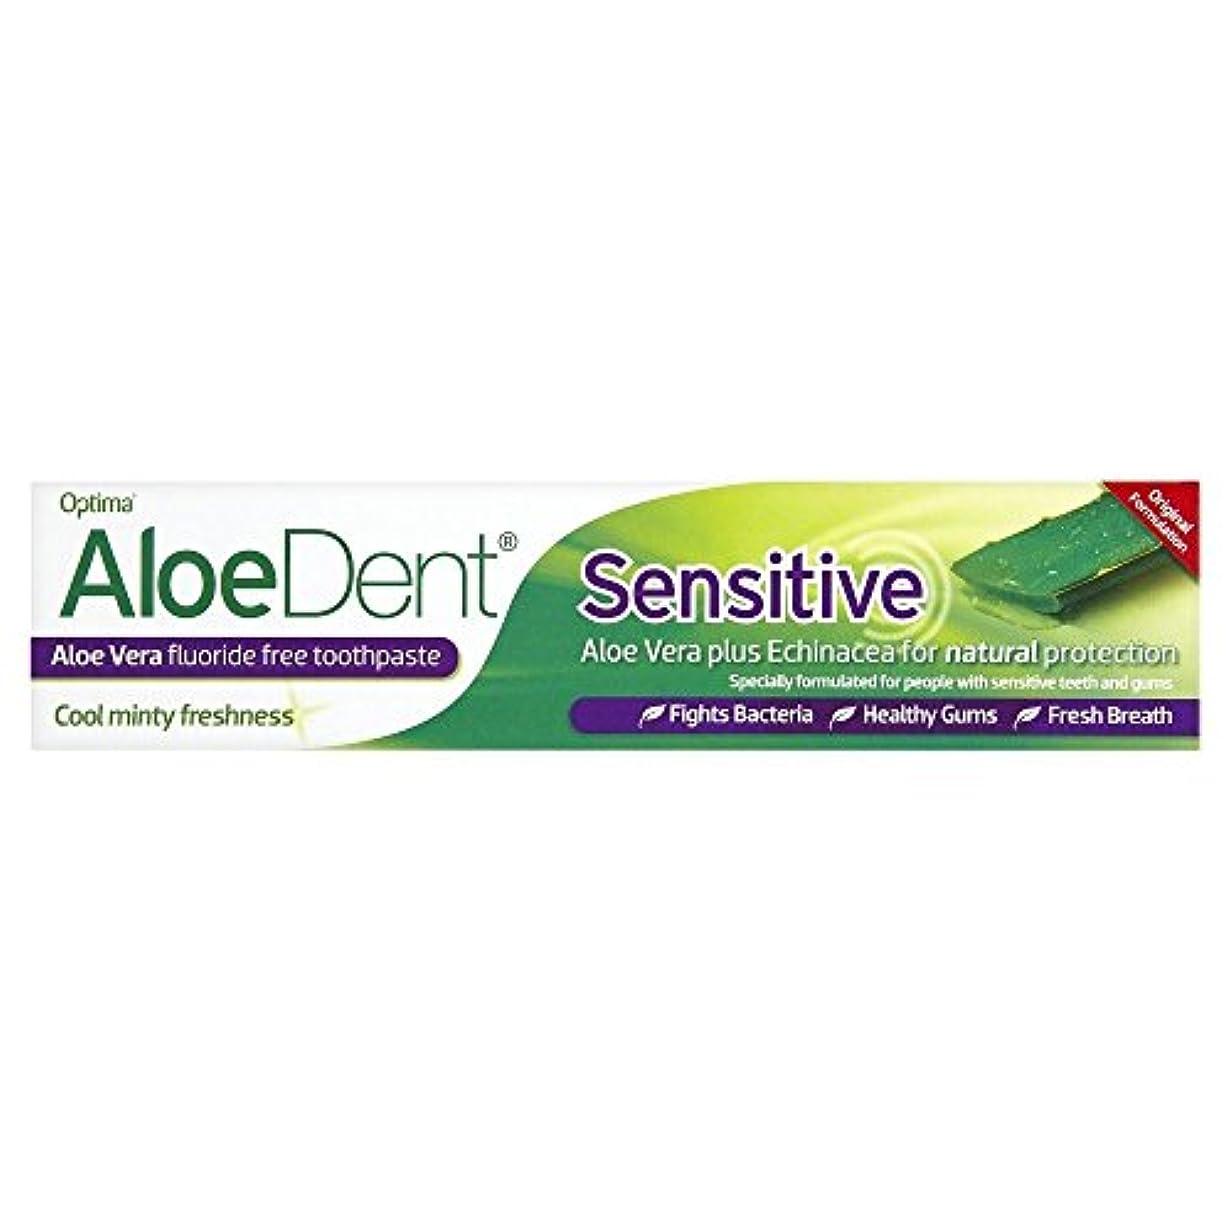 緩やかな信頼明らかにするAloeDent 100 ml Sensitive Aloe Vera Fluoride Free Toothpaste by Aloe Dent